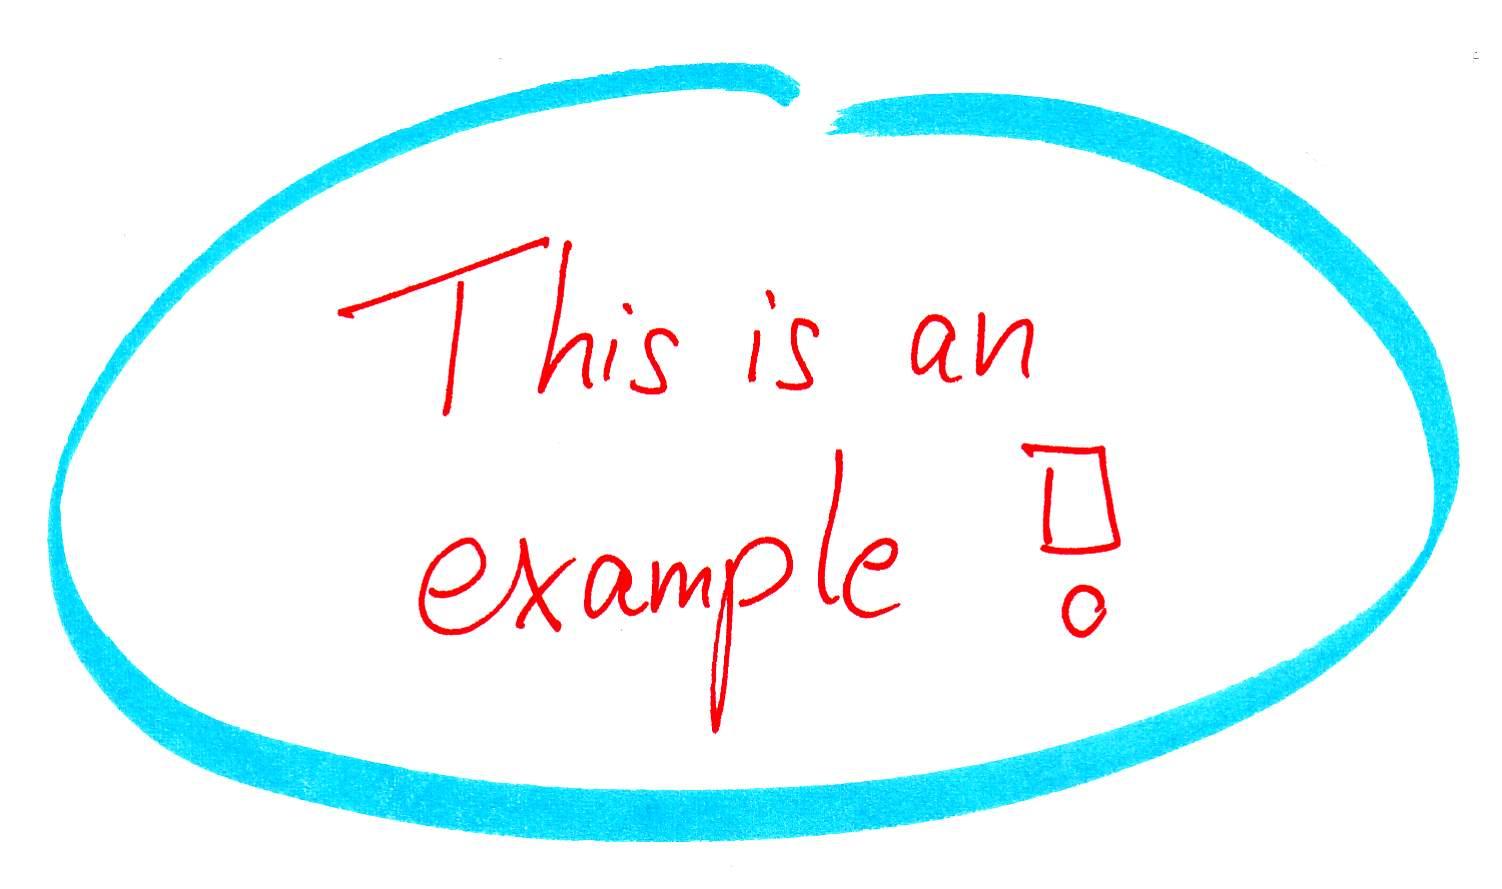 面接のお礼メール・お礼状の書き方まとめ!転職・就活に使える例文紹介!のサムネイル画像